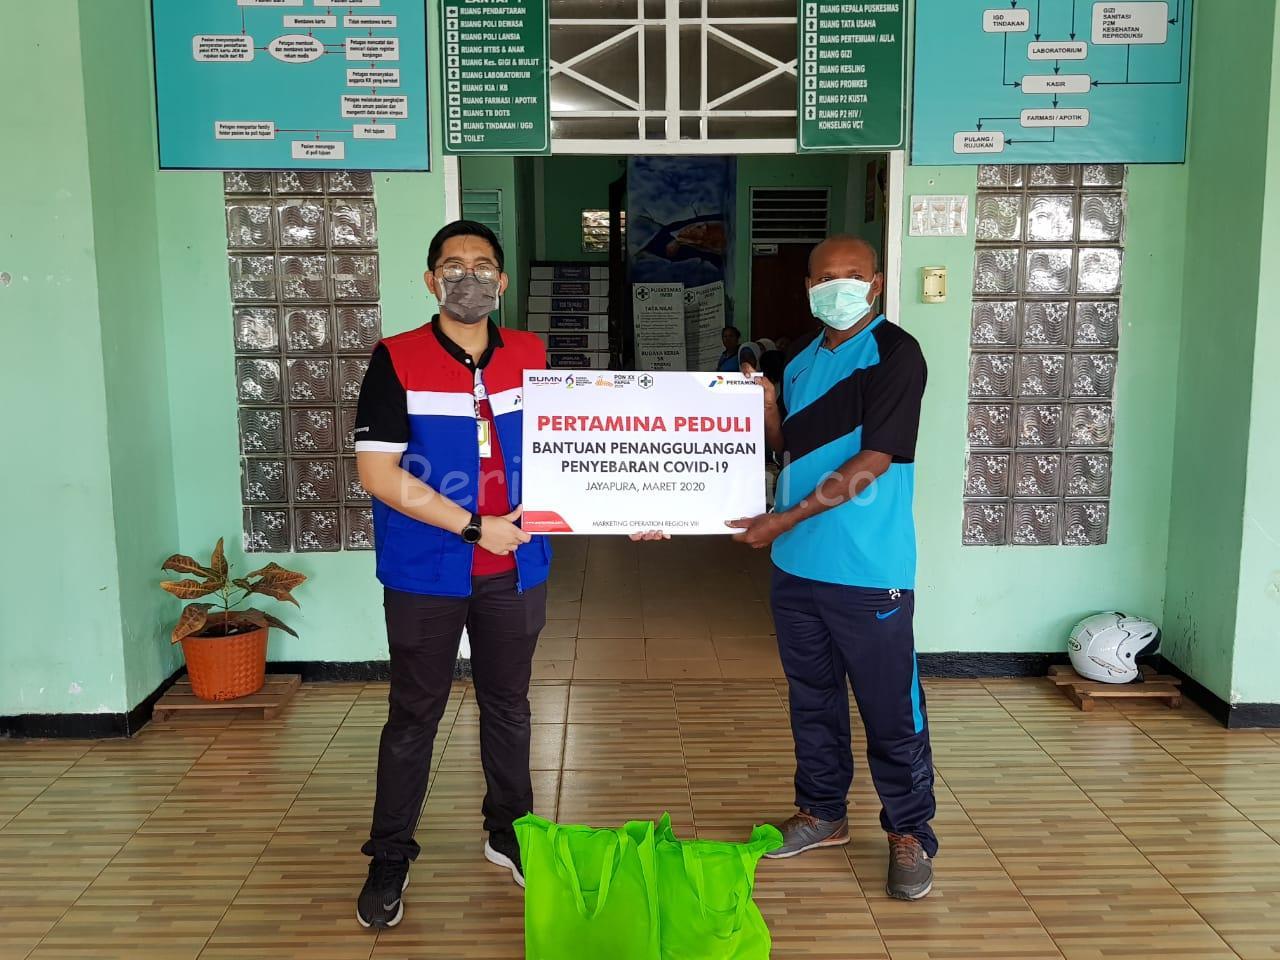 Peduli Cegah Corona, Pertamina Serahkan 200 Paket Bantuan di Puskesmas Imbi Jayapura 24 IMG 20200320 WA0118